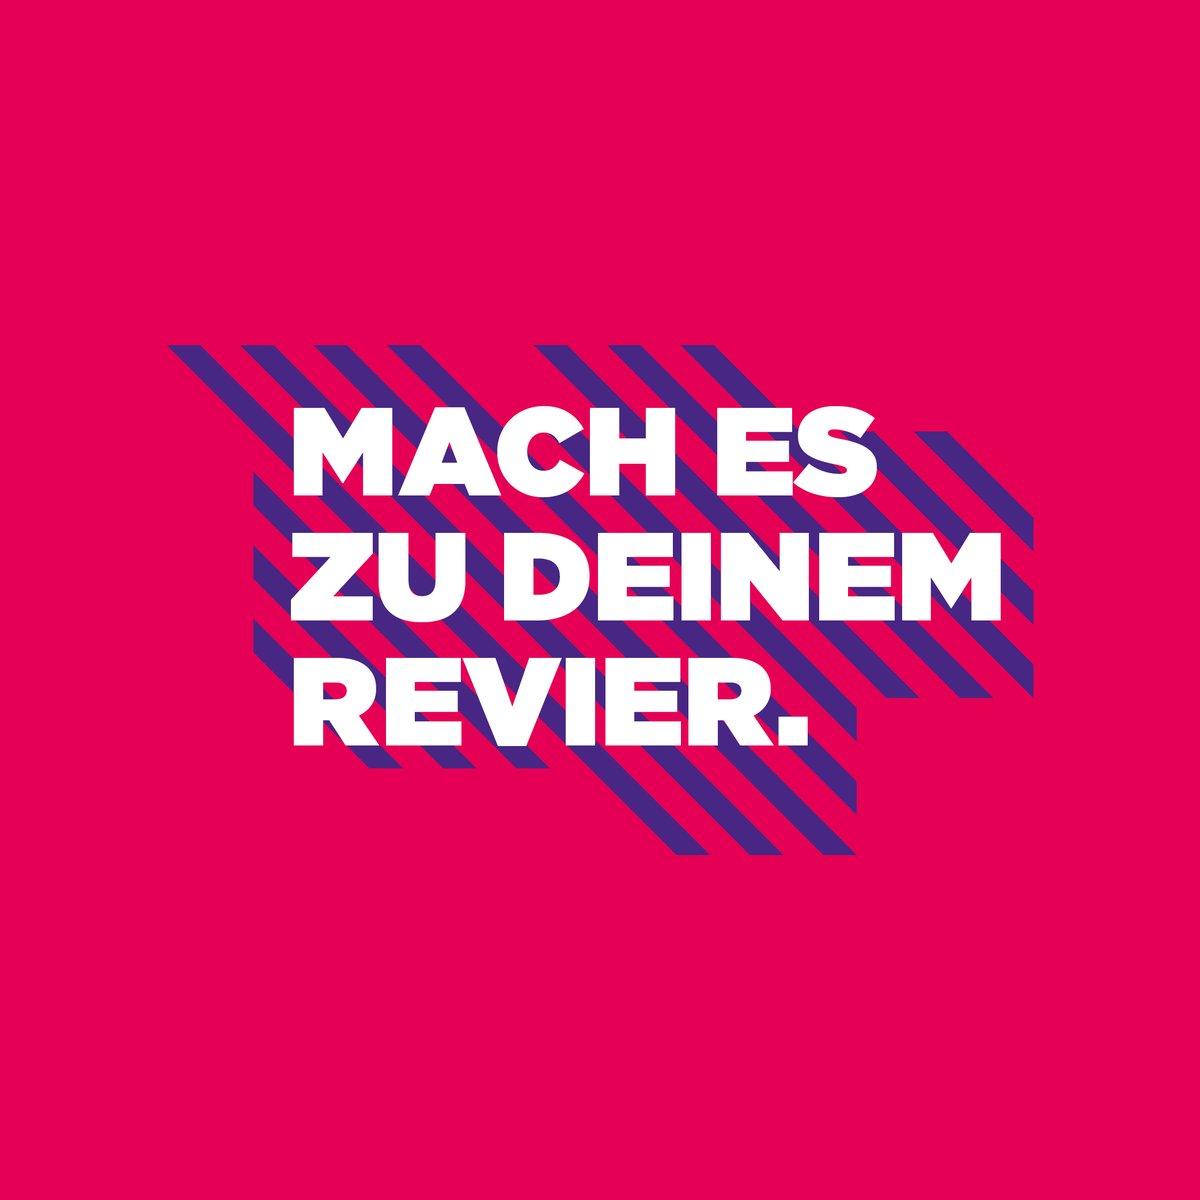 """""""Mach es zu deinem Revier"""": Der #RVR startet eine Informationskampagne zur ersten #Direktwahl des Ruhrparlaments am 13. September 2020 im Rahmen der #Kommunalwahl. Infos zur Kampagne, dem Ruhrparlament und dem Wahlprozedere: https://t.co/jfxh4eAa4S https://t.co/xUAhWI6qNs"""